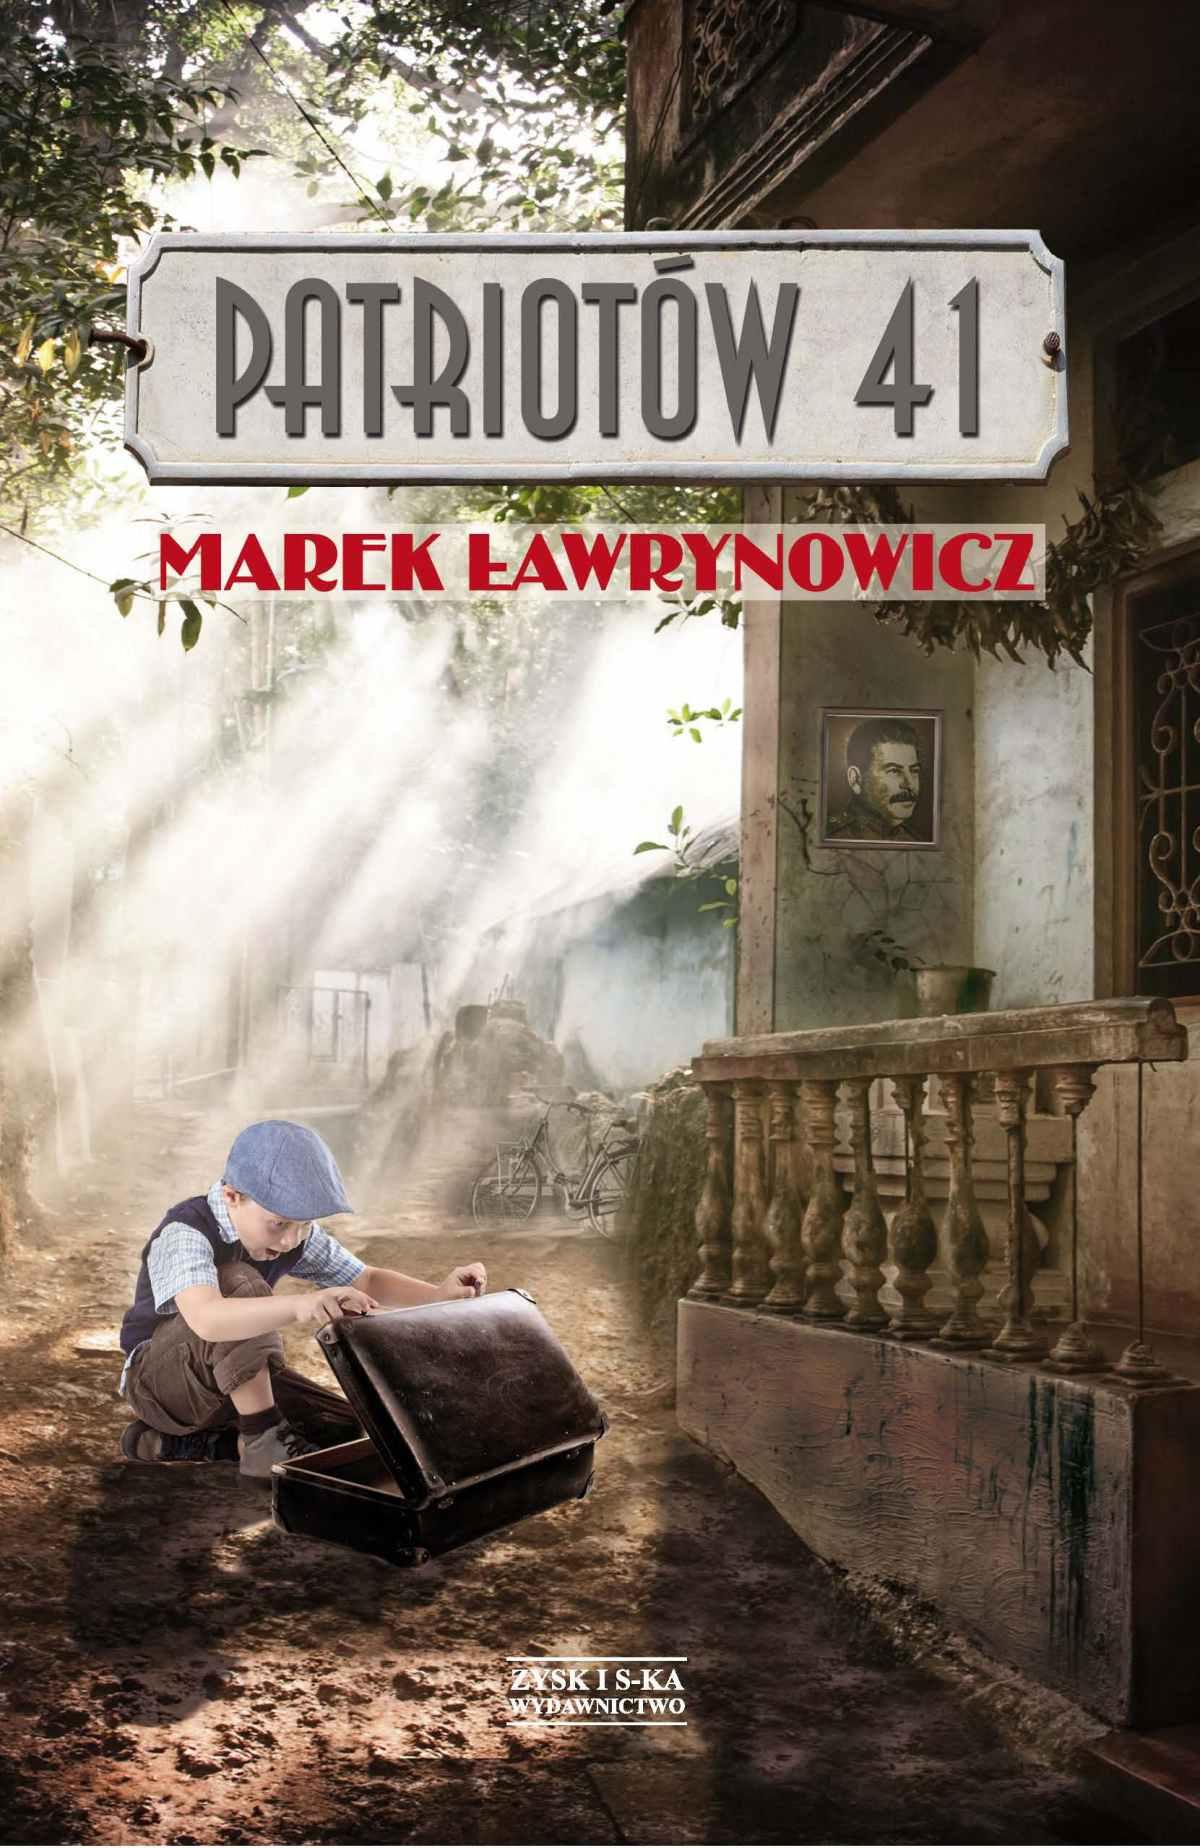 Patriotów 41 - Ebook (Książka na Kindle) do pobrania w formacie MOBI